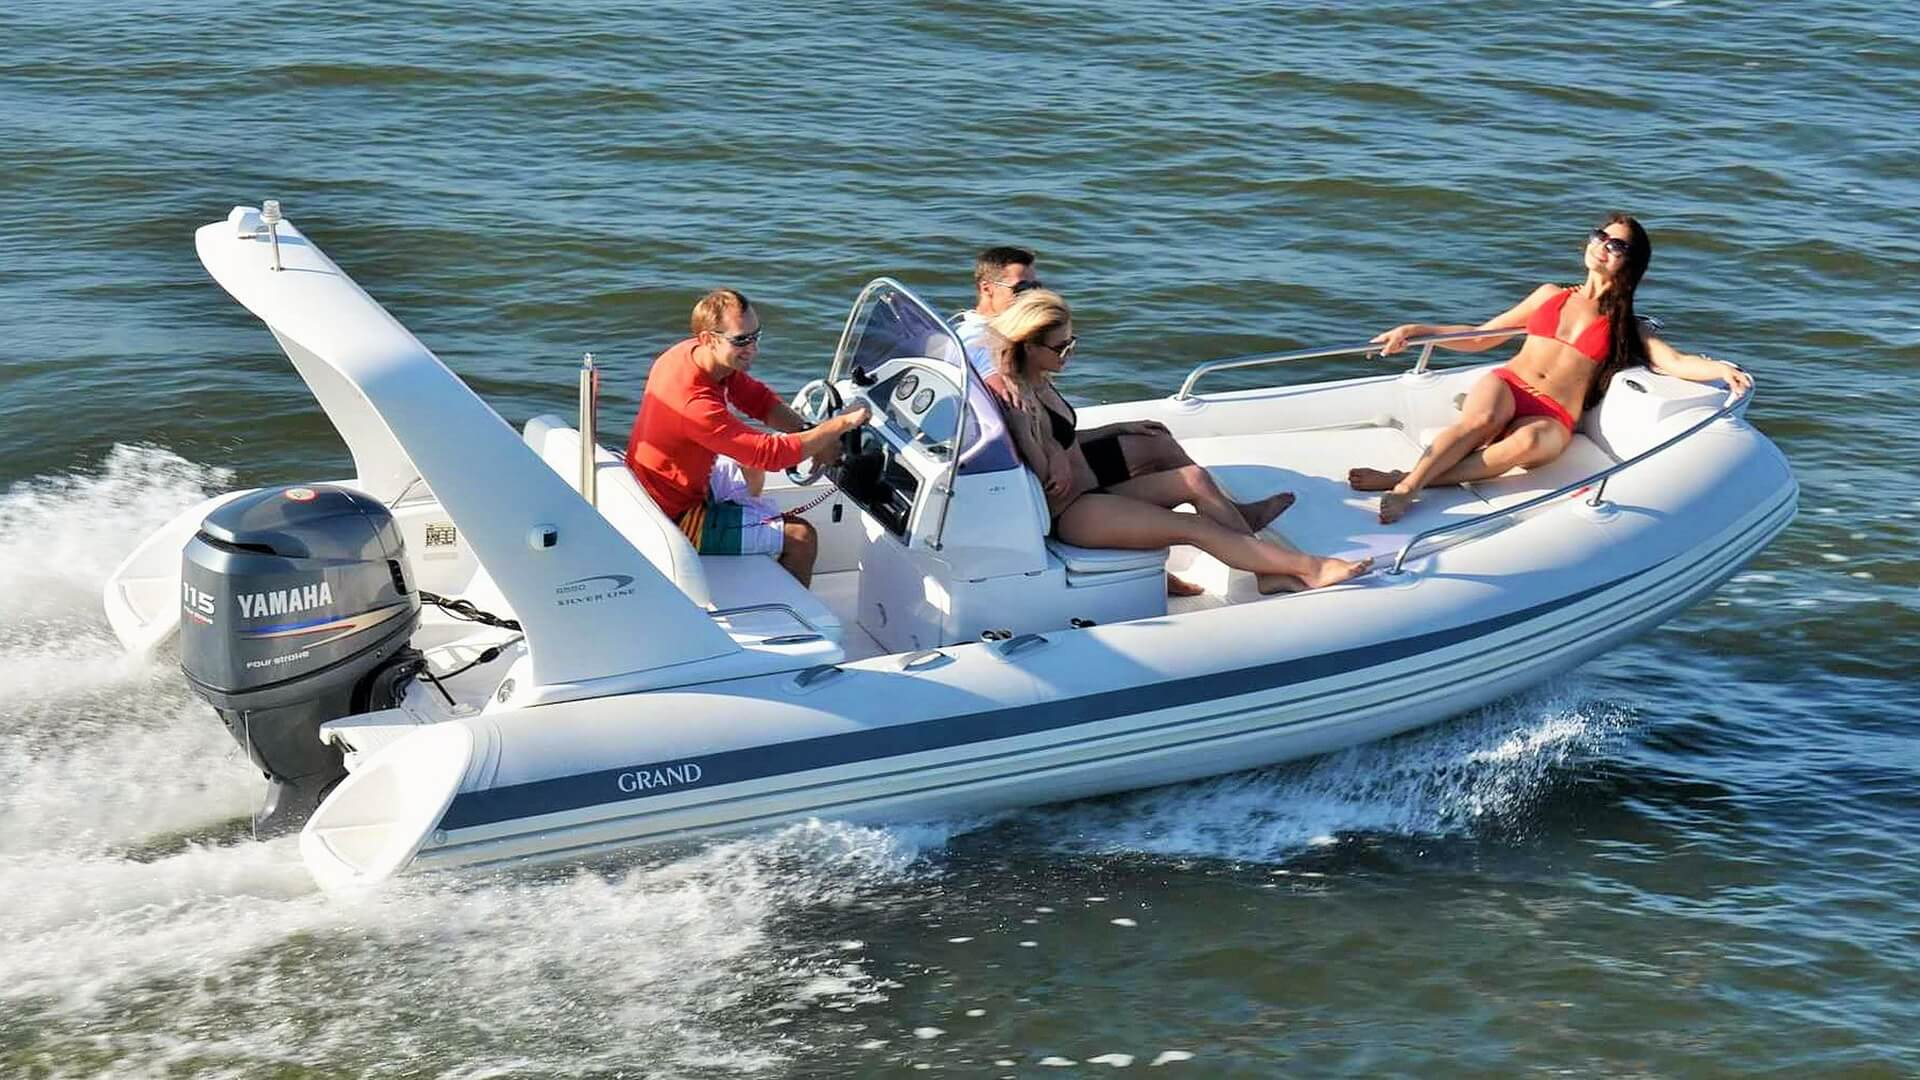 надувные лодки гранд с надувным дном